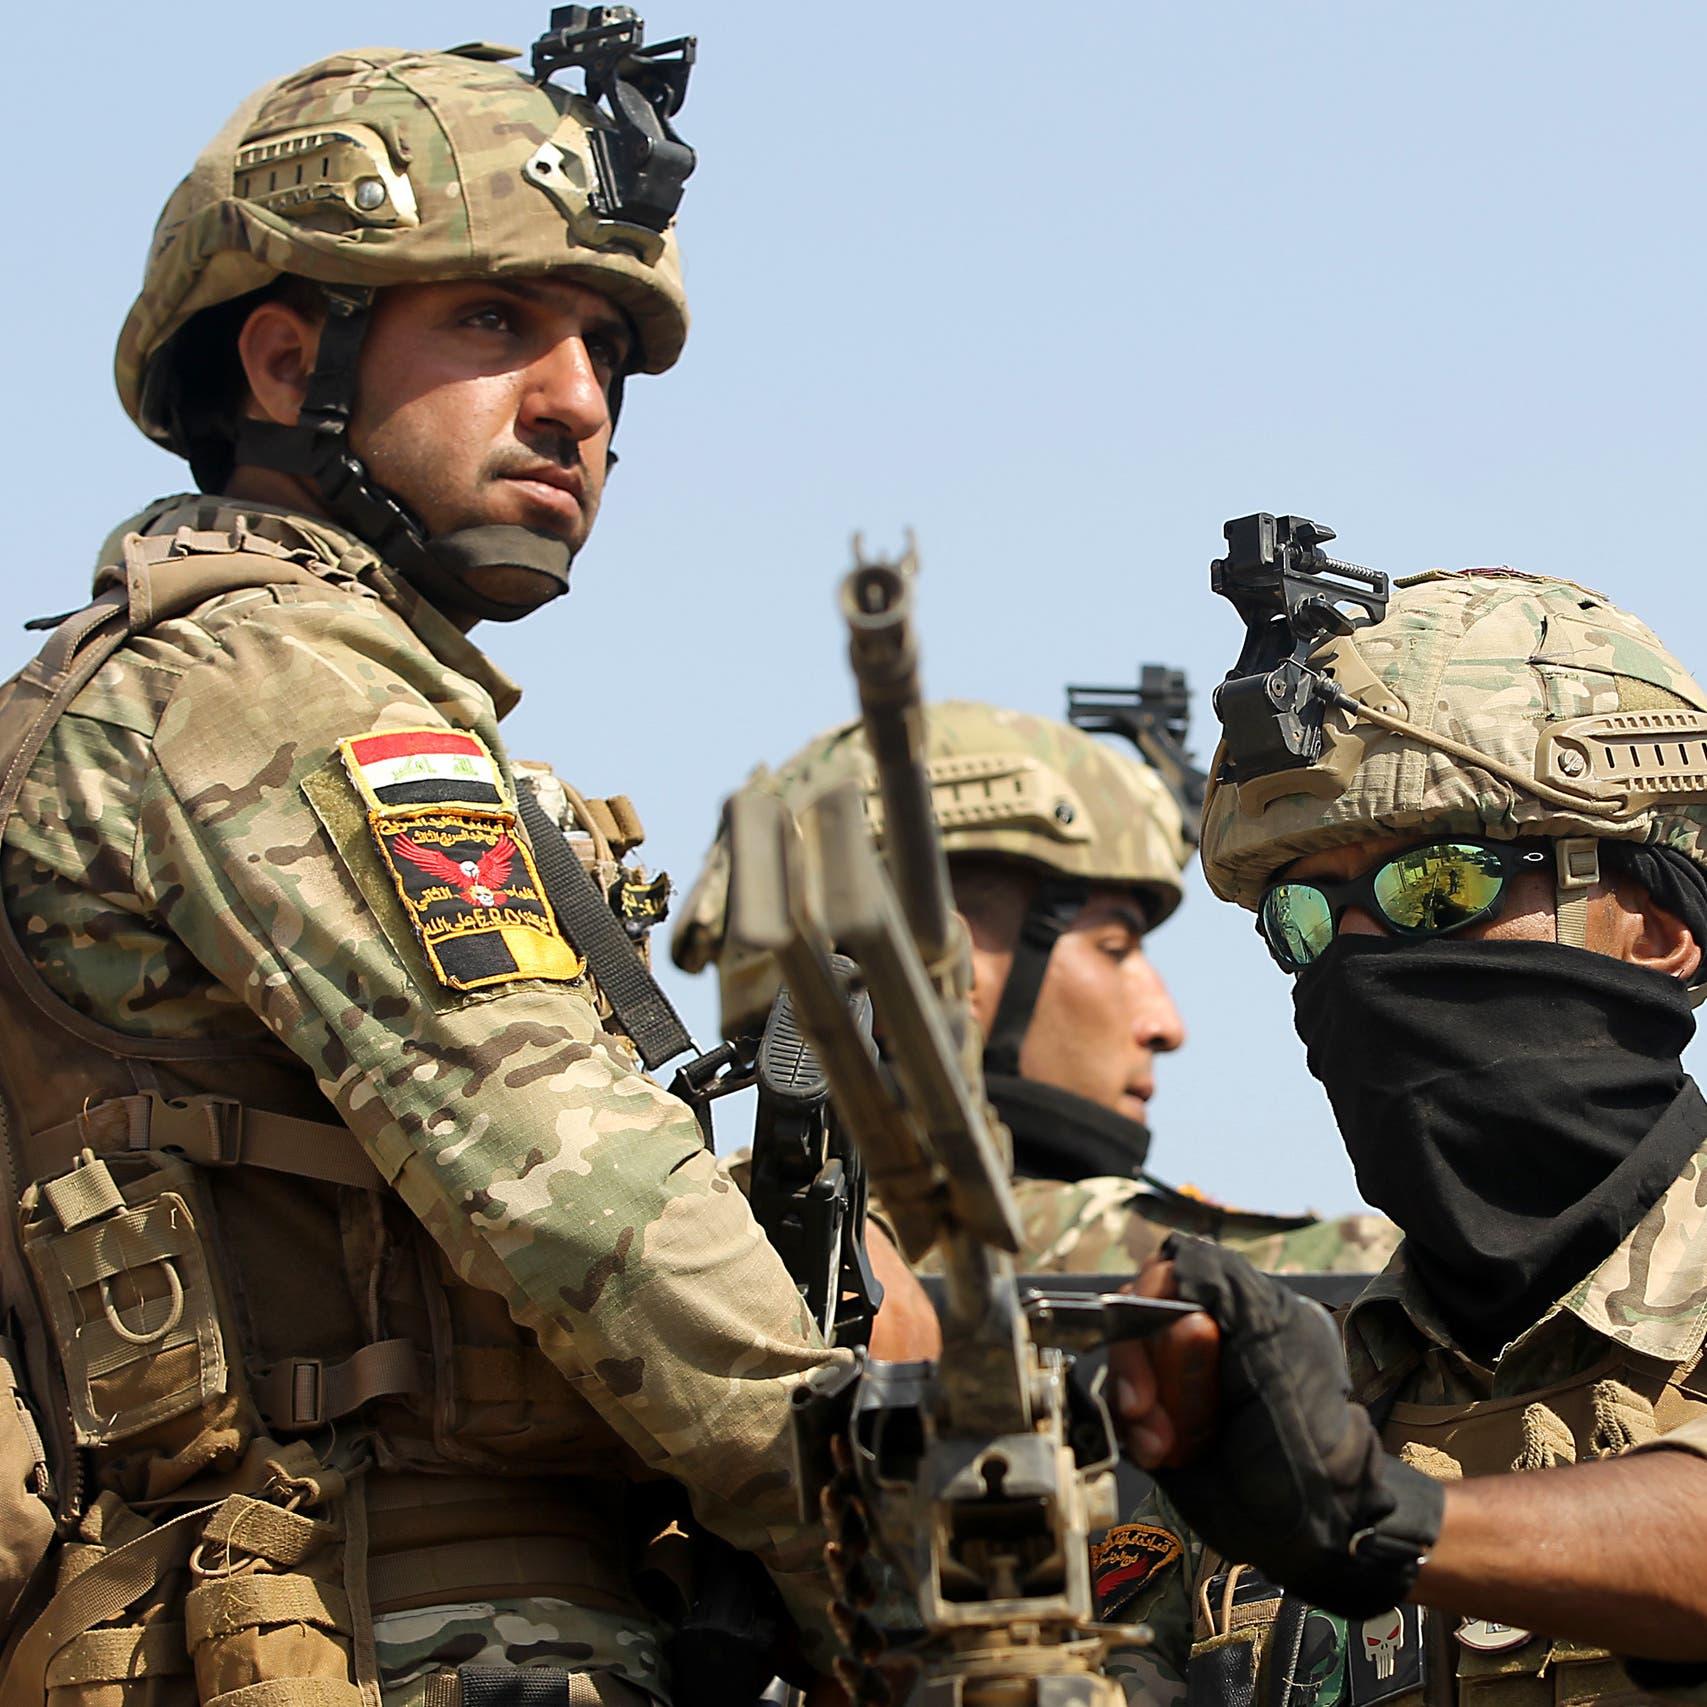 الجيش العراقي: القصف التركي استفزازي وانتهاك للسيادة